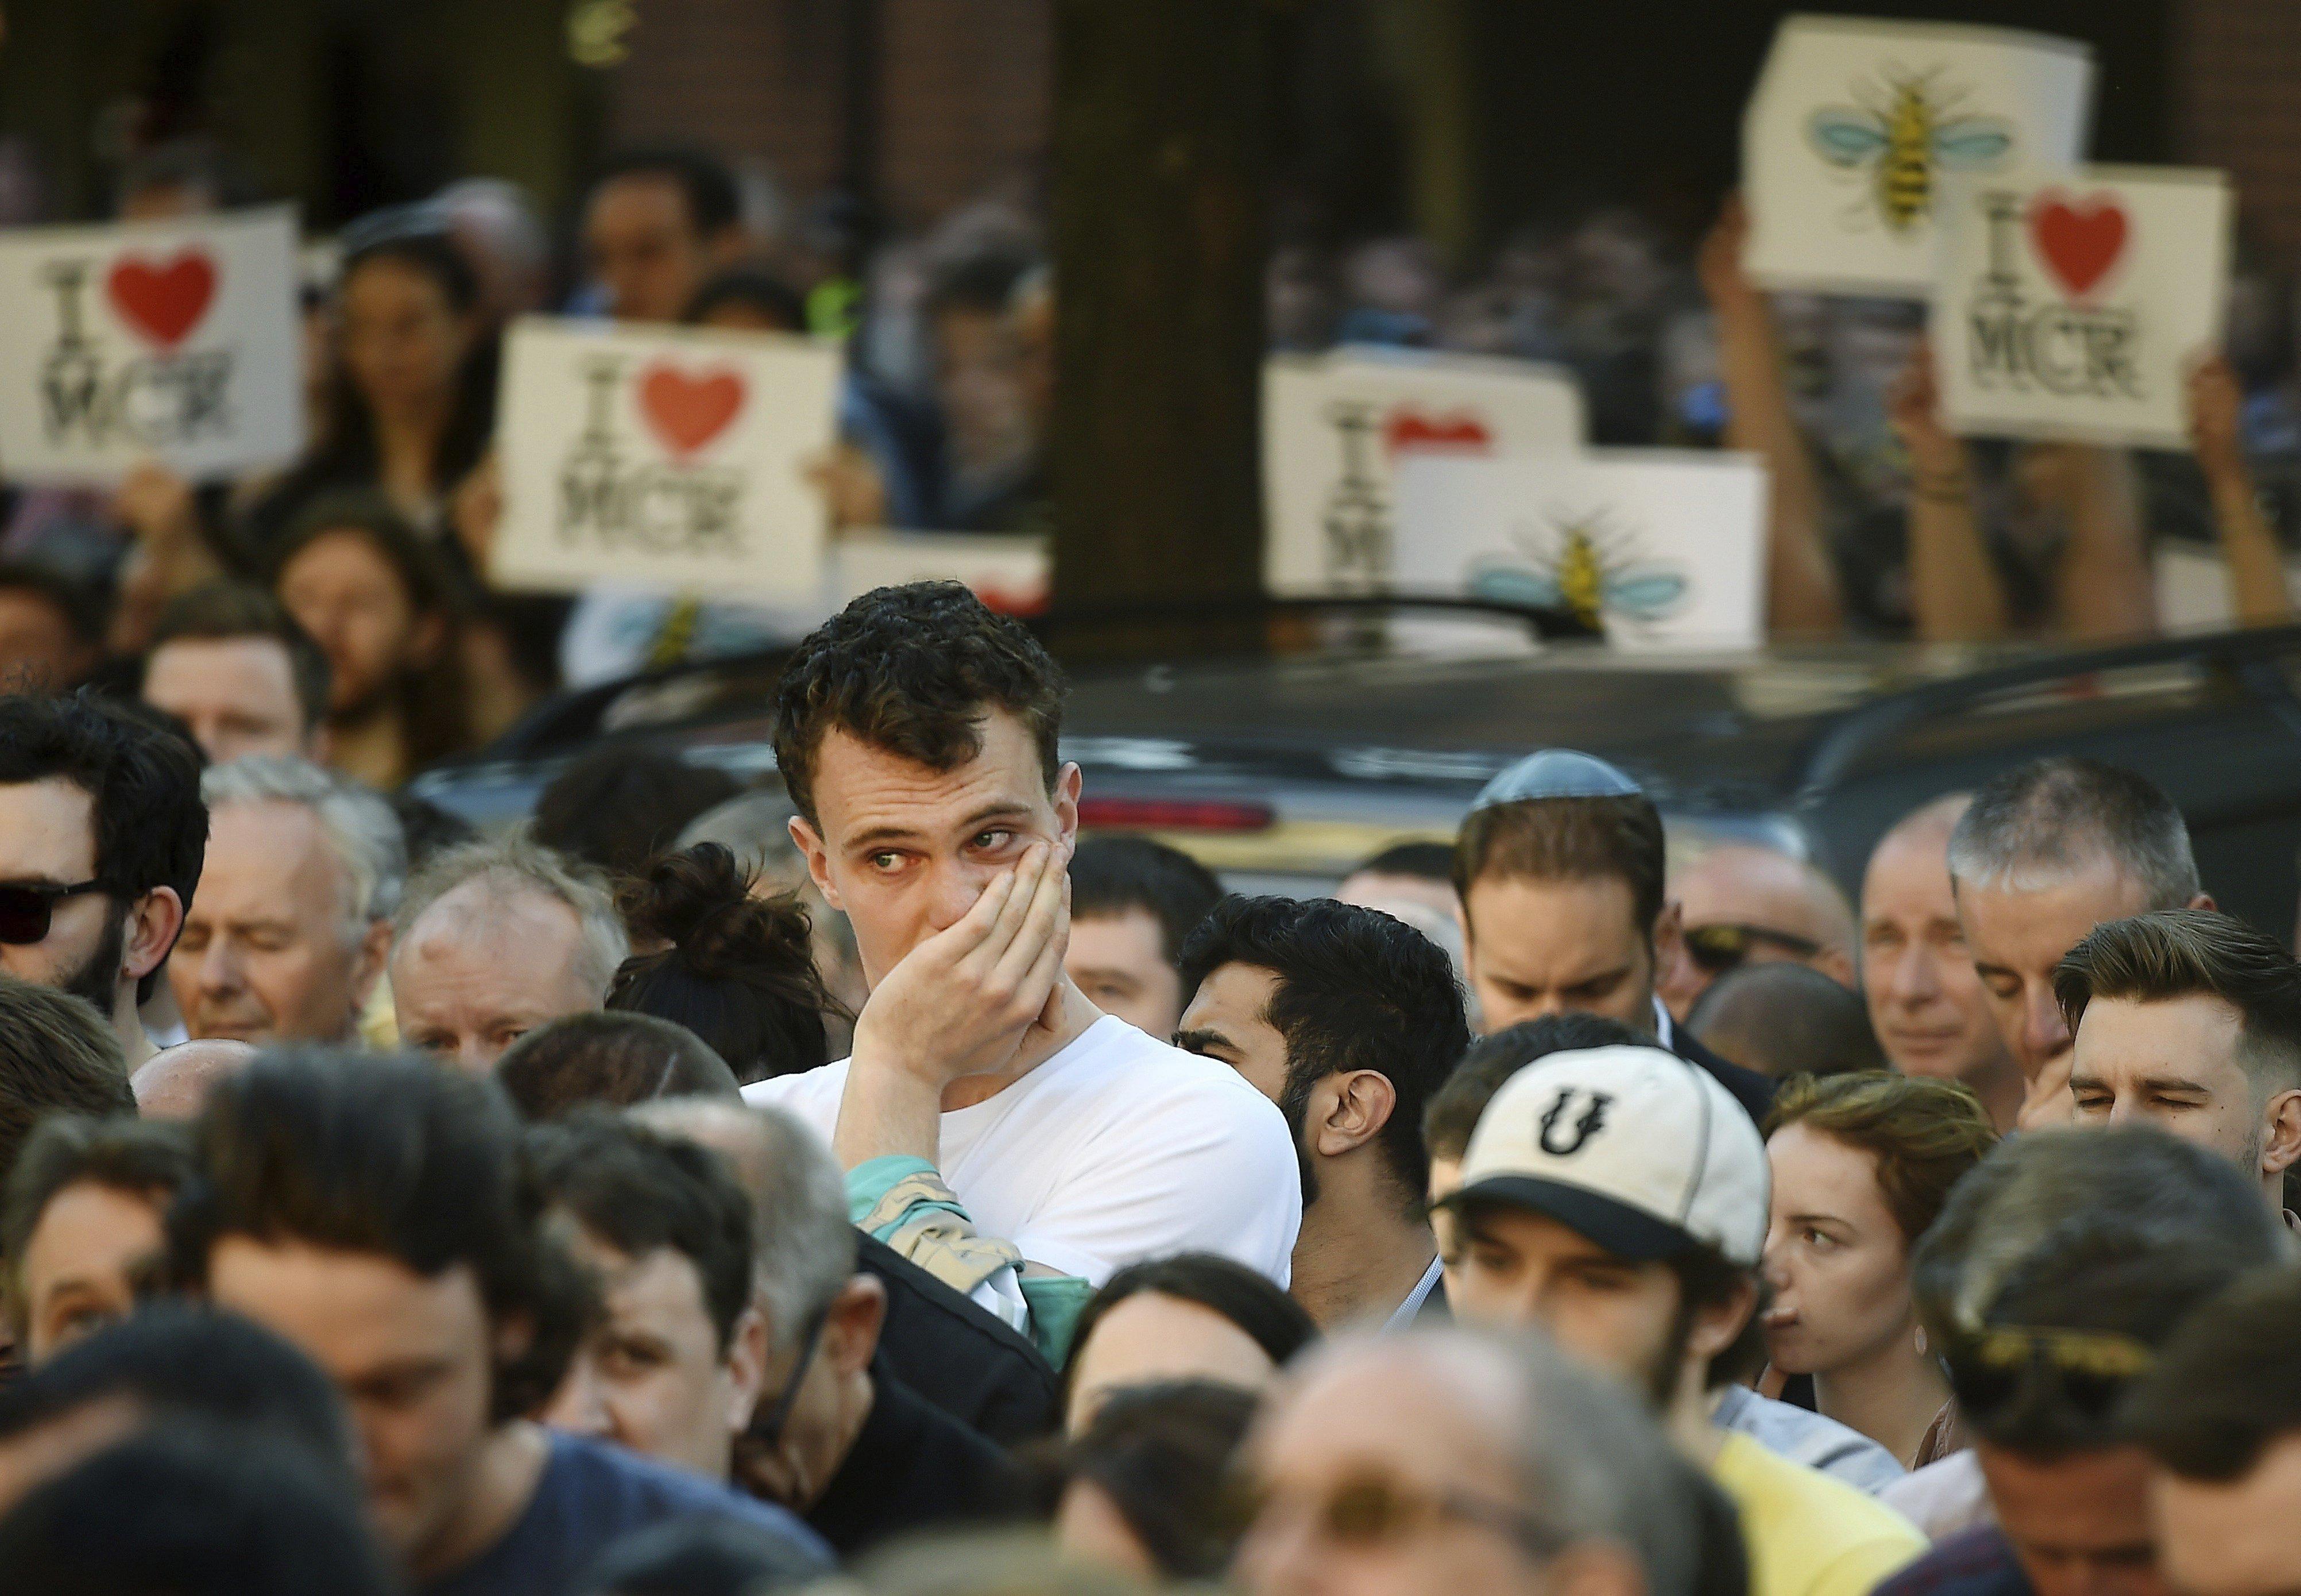 Diverses persones assisteixen a una vigília per les víctimes de l'atemptat de Manchester (Regne Unit). /ANDY RAIN